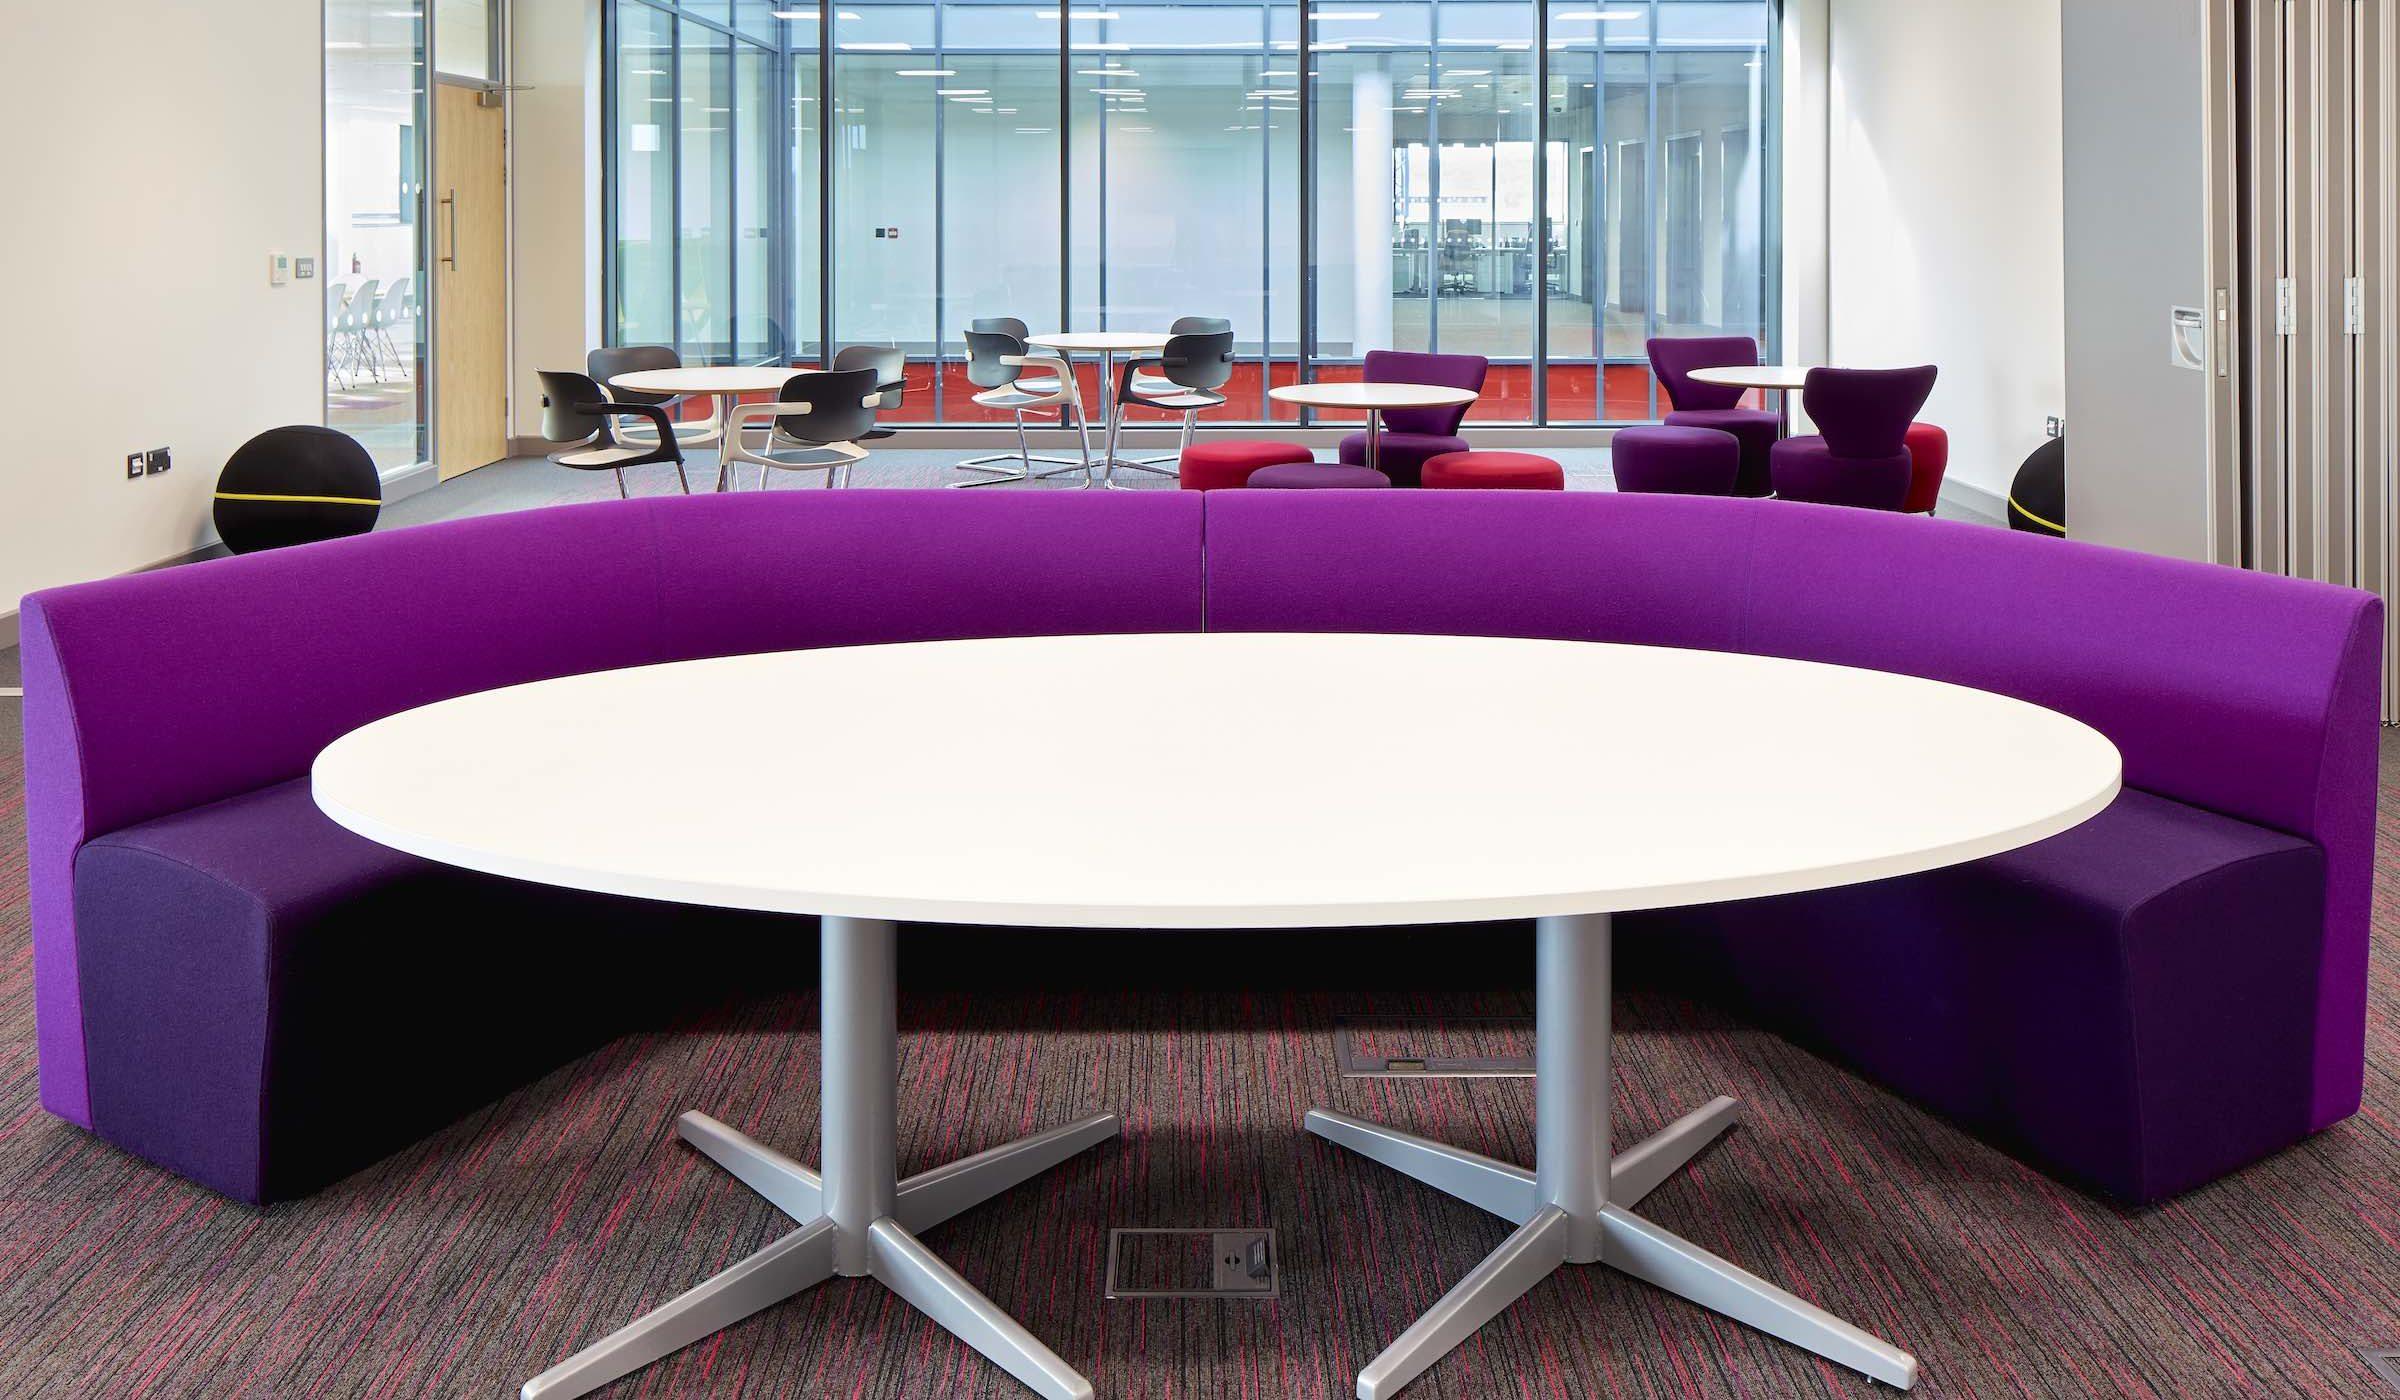 Strobe | Paragon Carpet Tiles | Commercial Carpet Tiles | Design Carpet Tiles 10